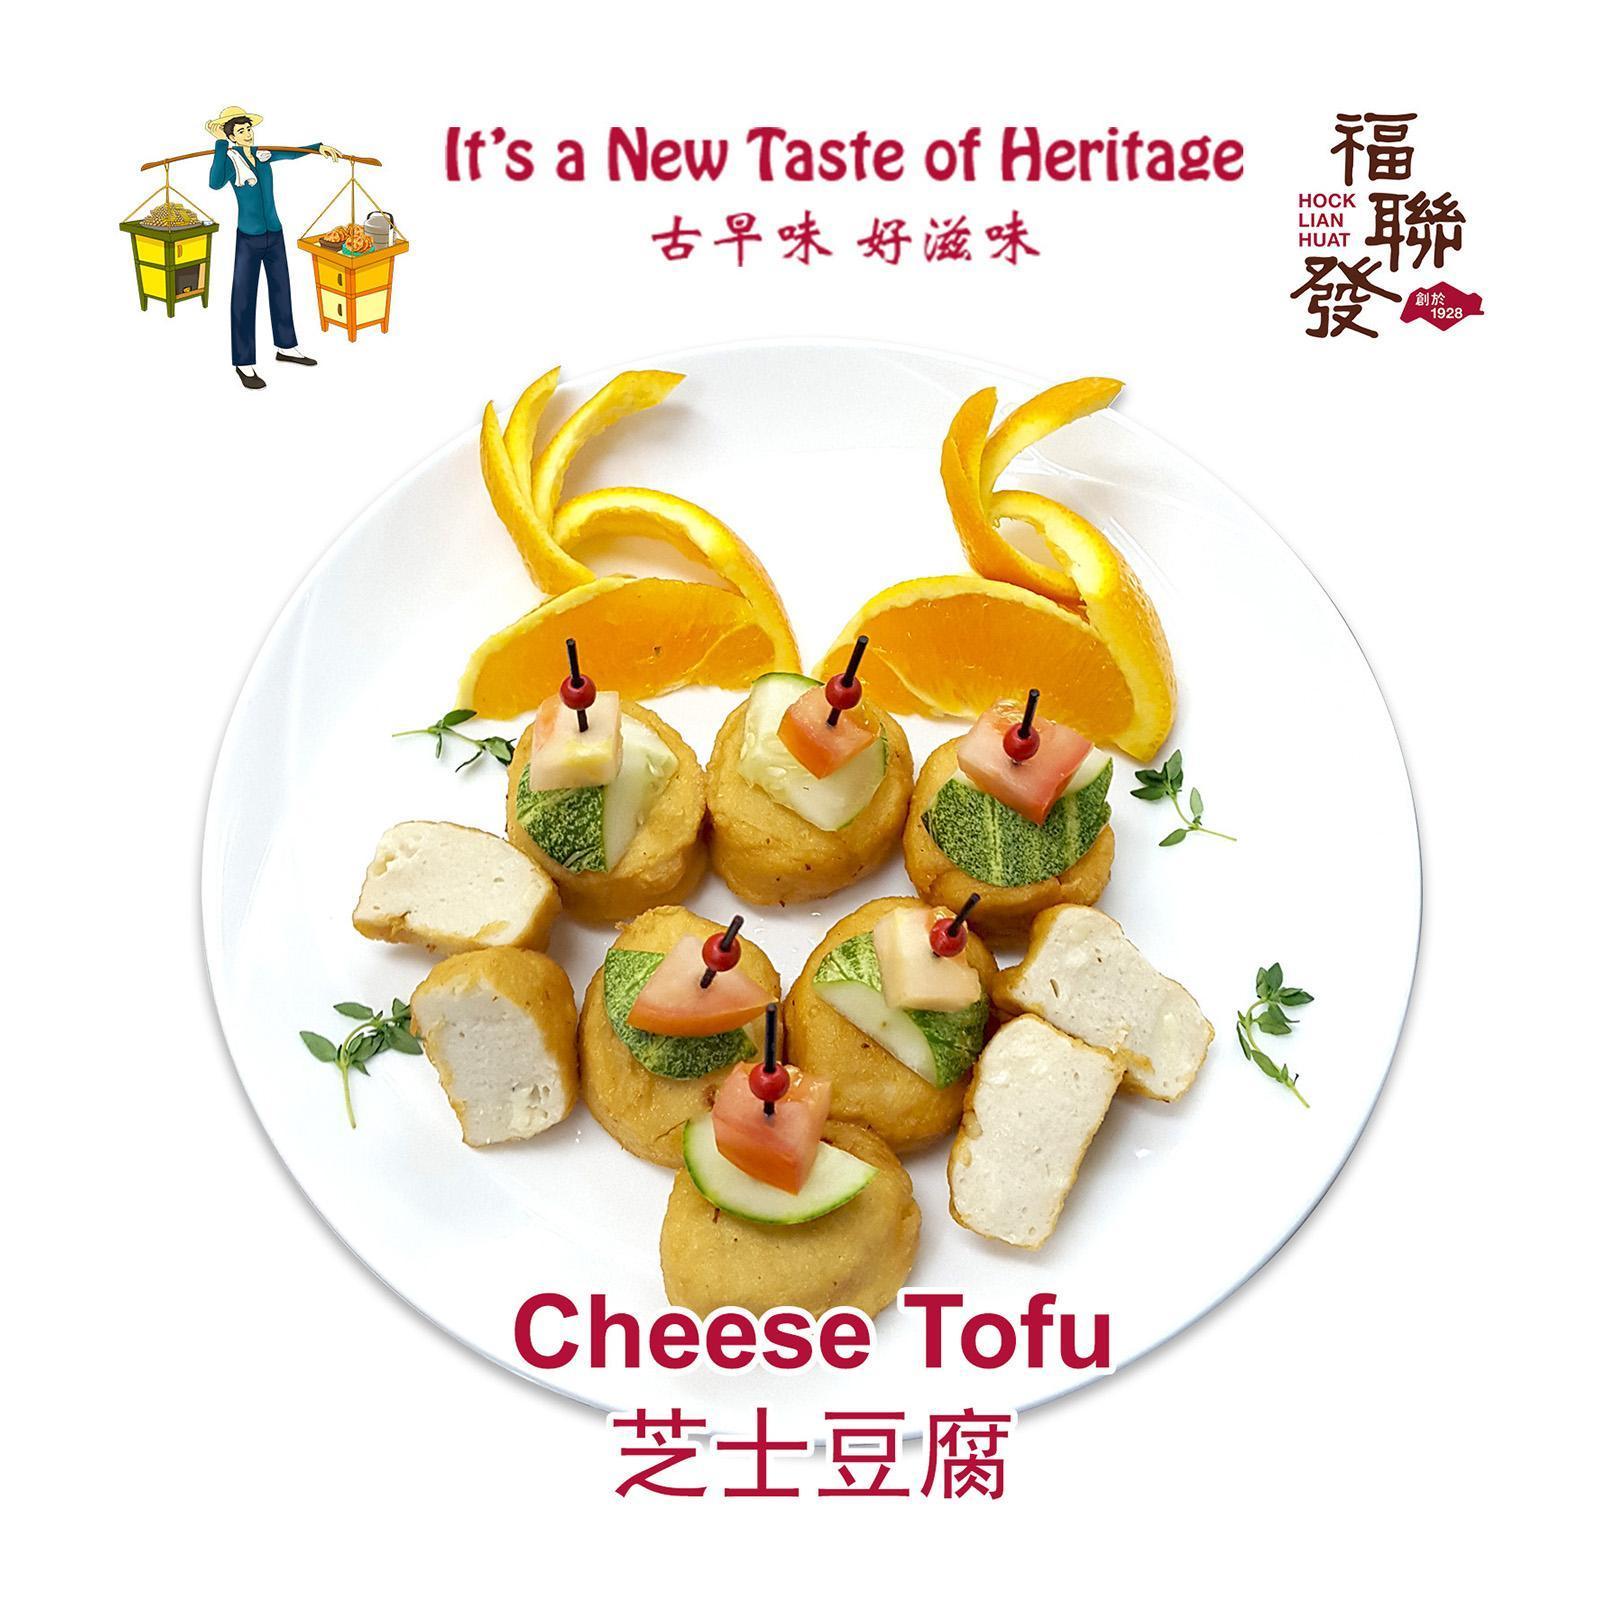 Hock Lian Huat Cheese Tofu - Frozen